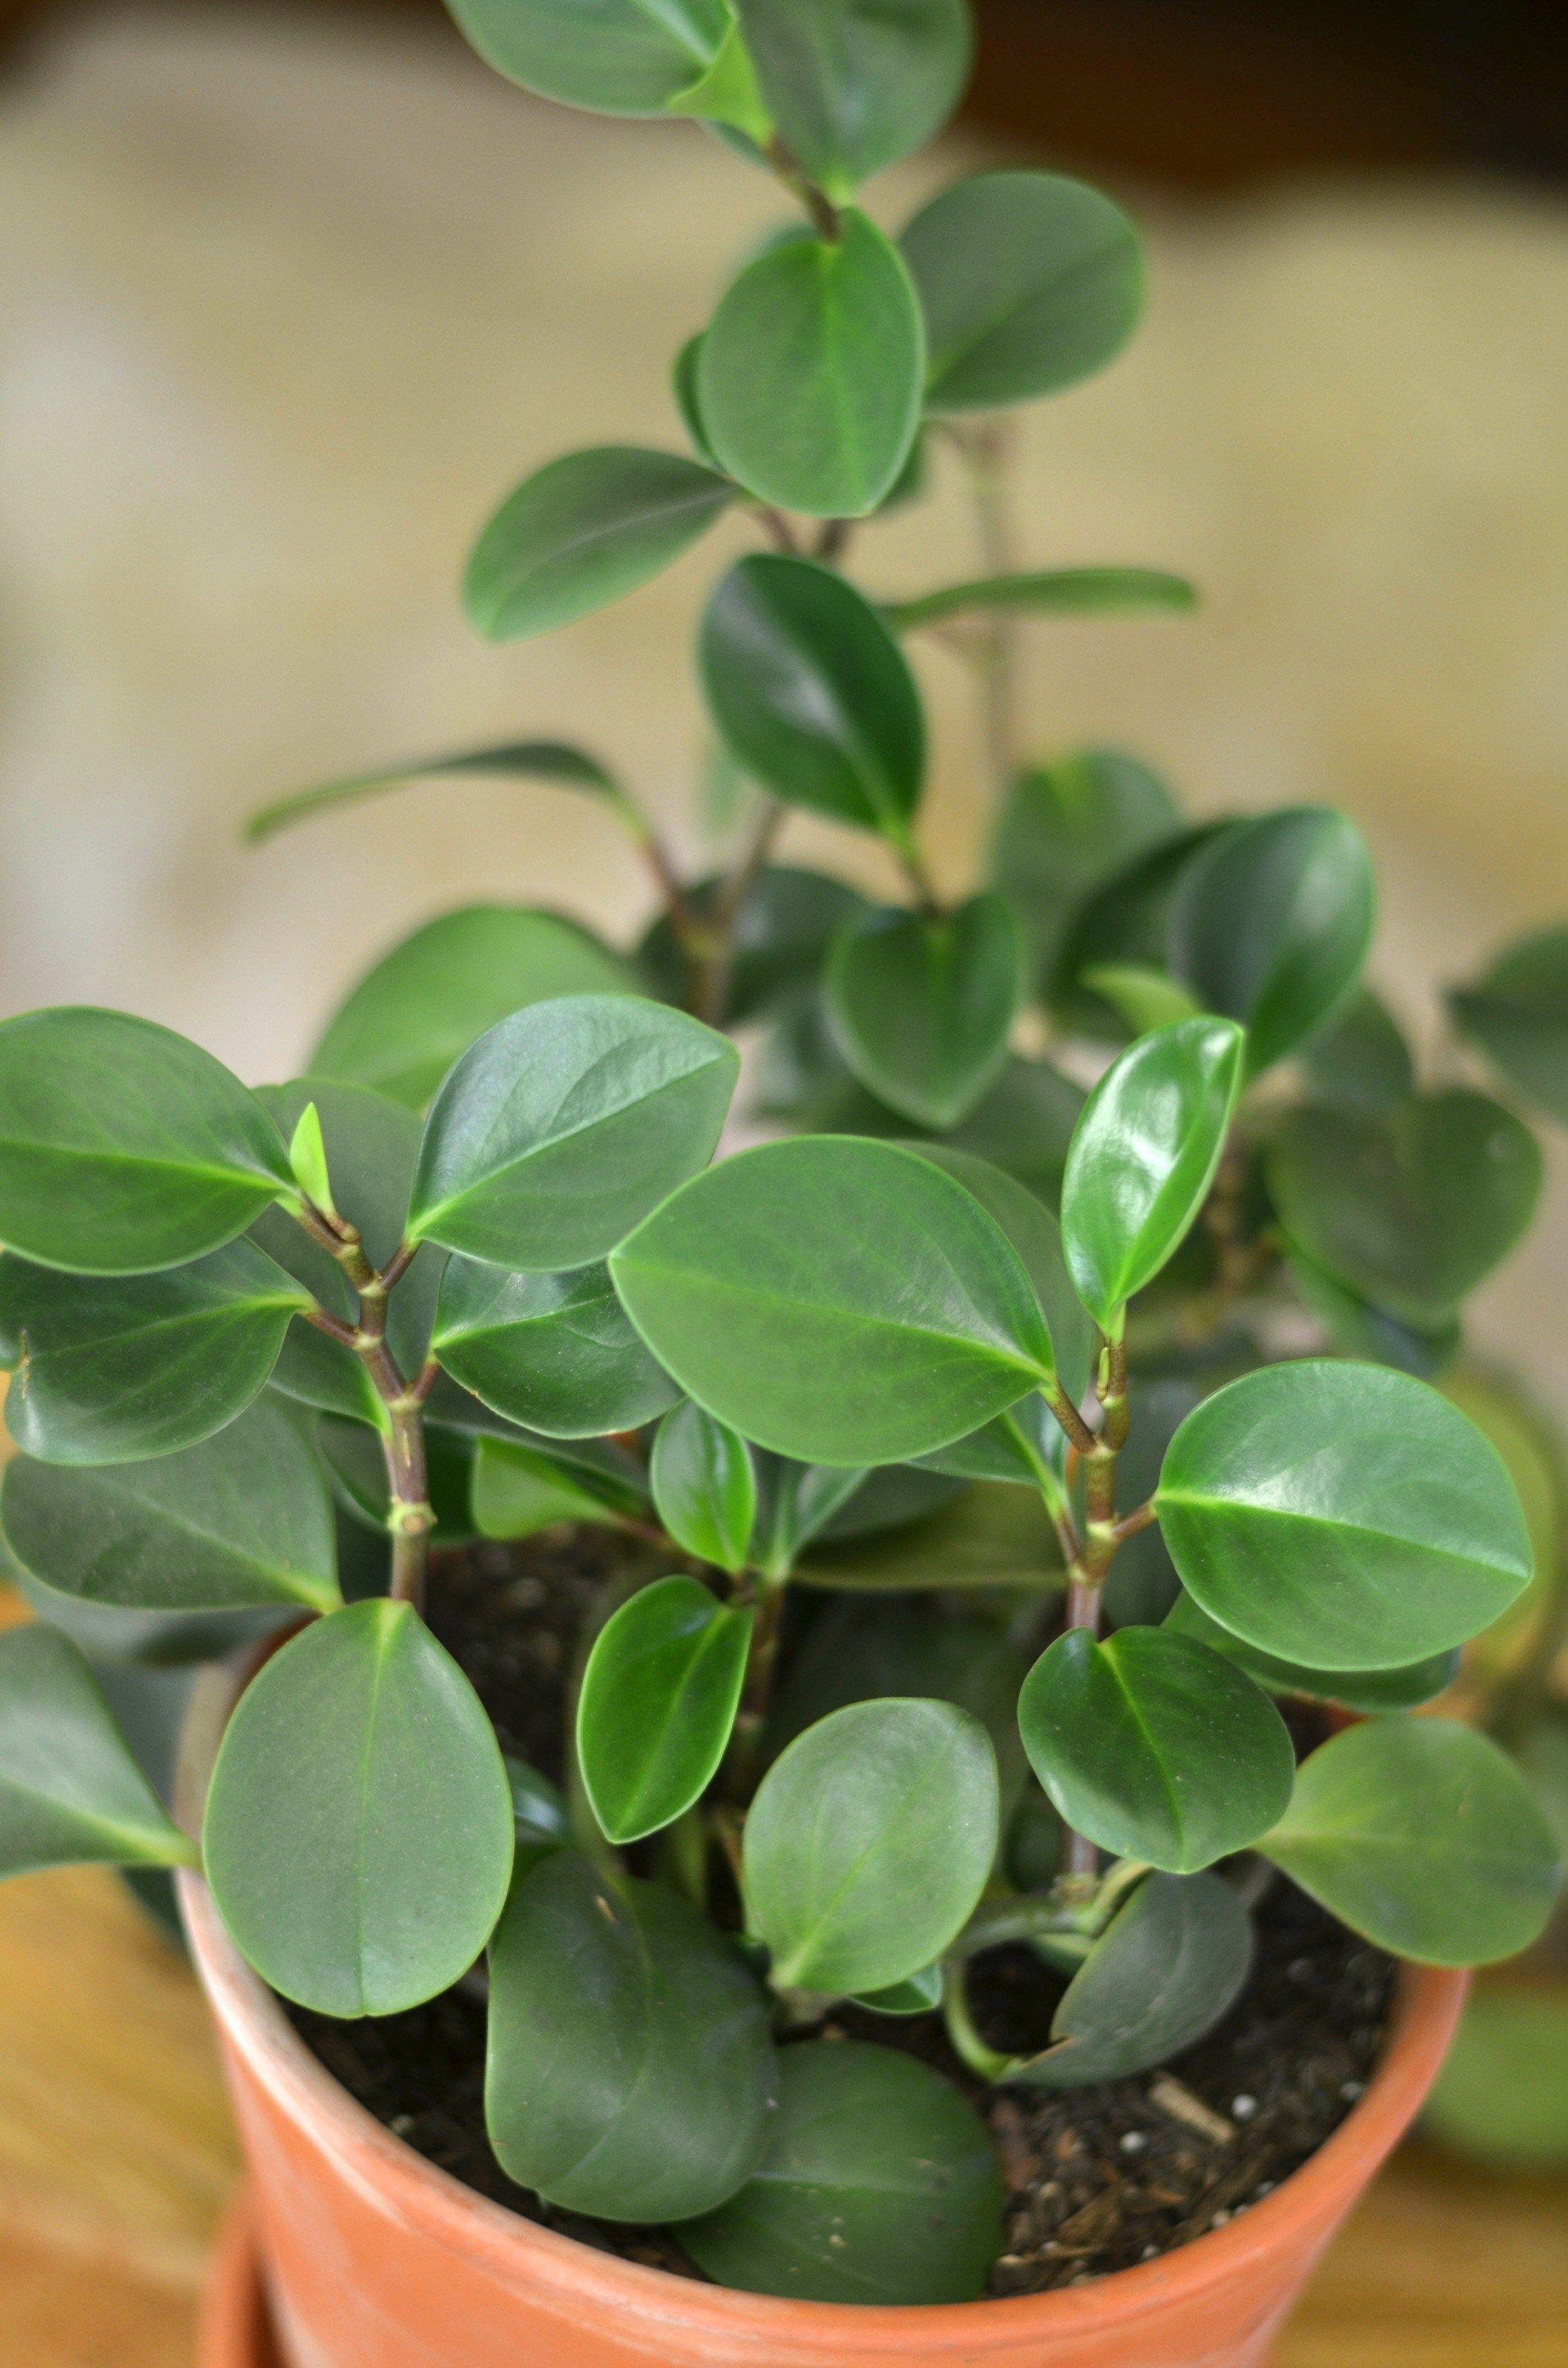 Plants for Beginners Shavonda Gardner Plants, Plant care